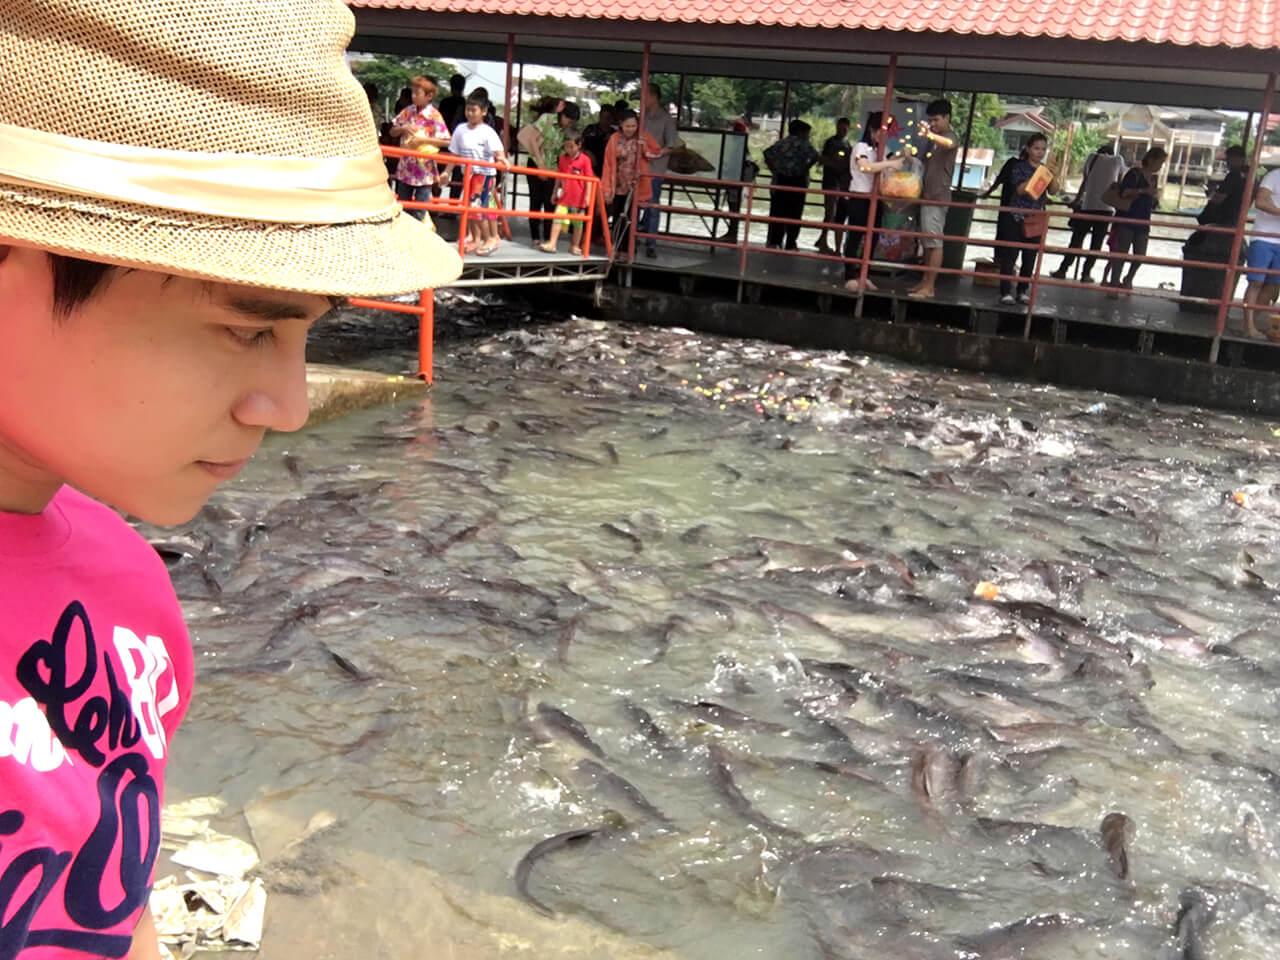 Khám phá những mùa lễ hội trong năm của Thái Lan - Lễ hội phóng sanh tại Ayutthaya